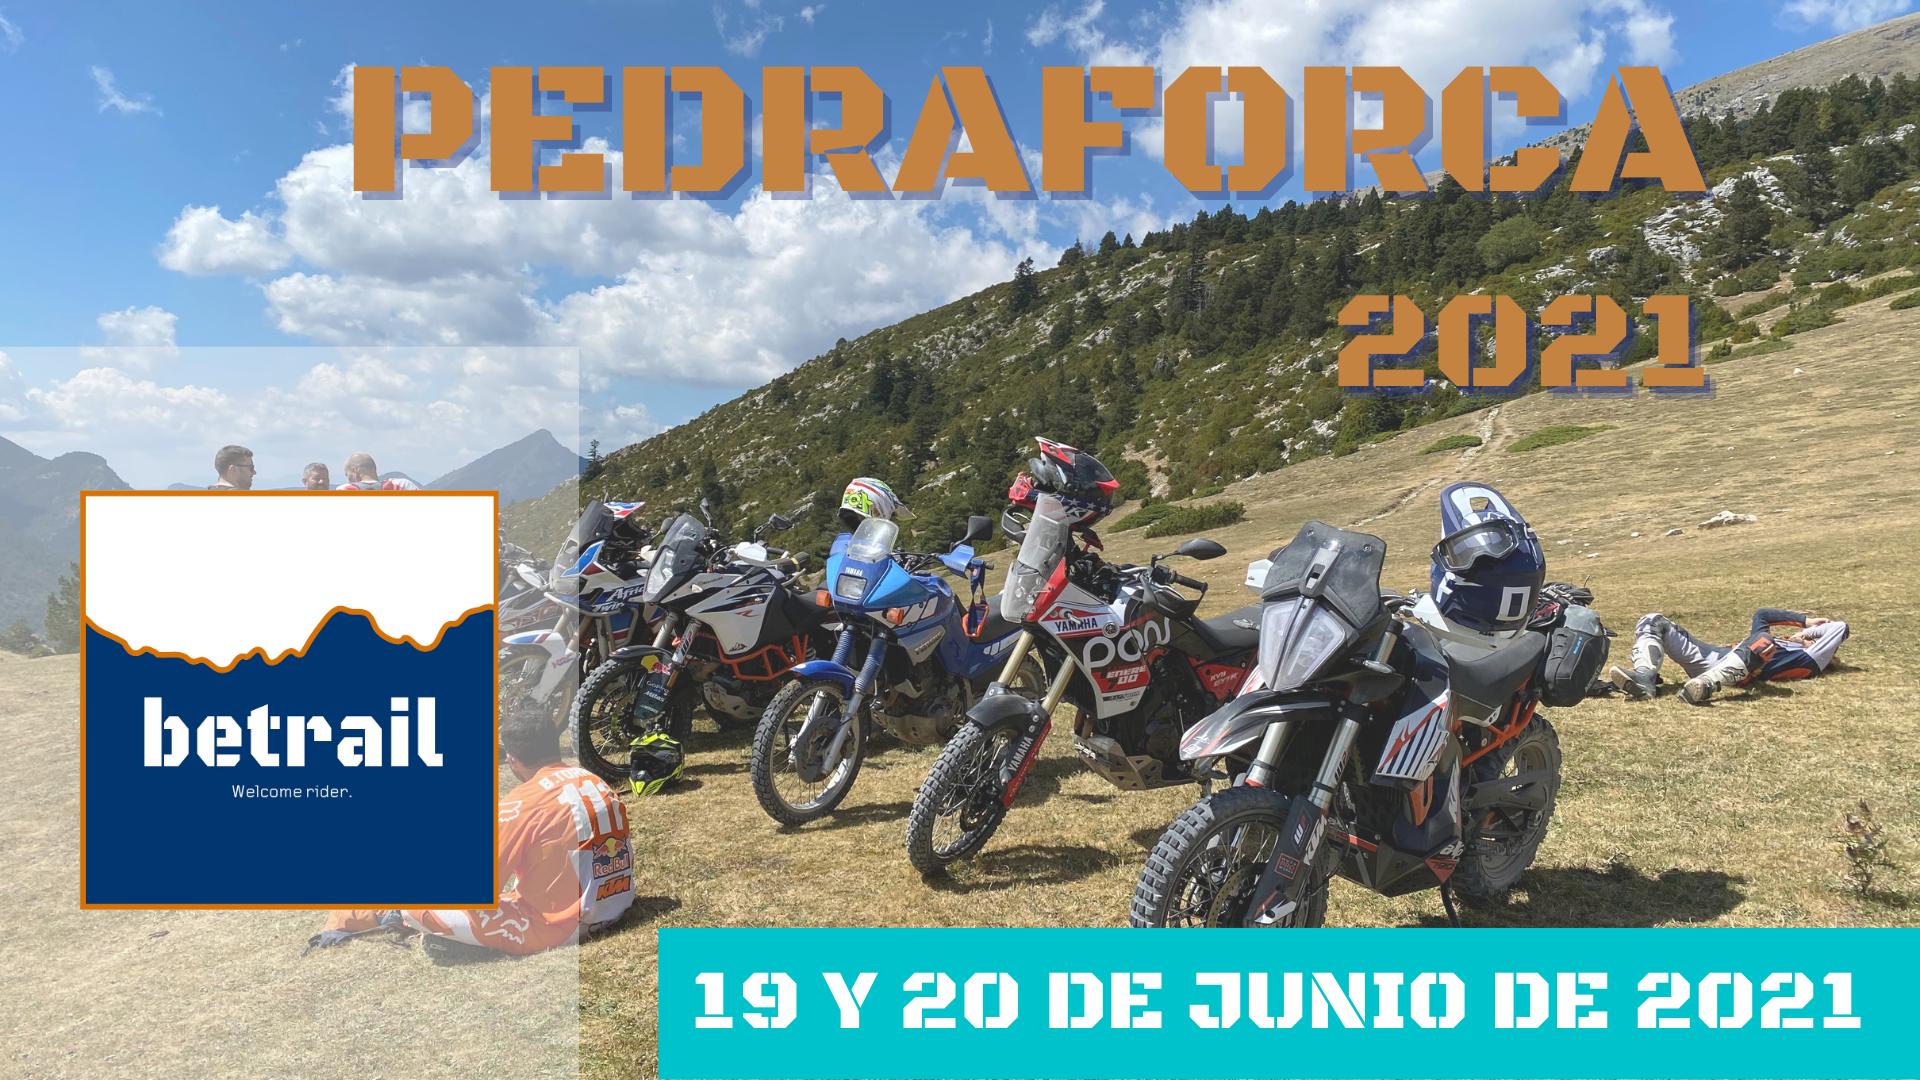 Ruta Pedraforca 2021 - betrail moto